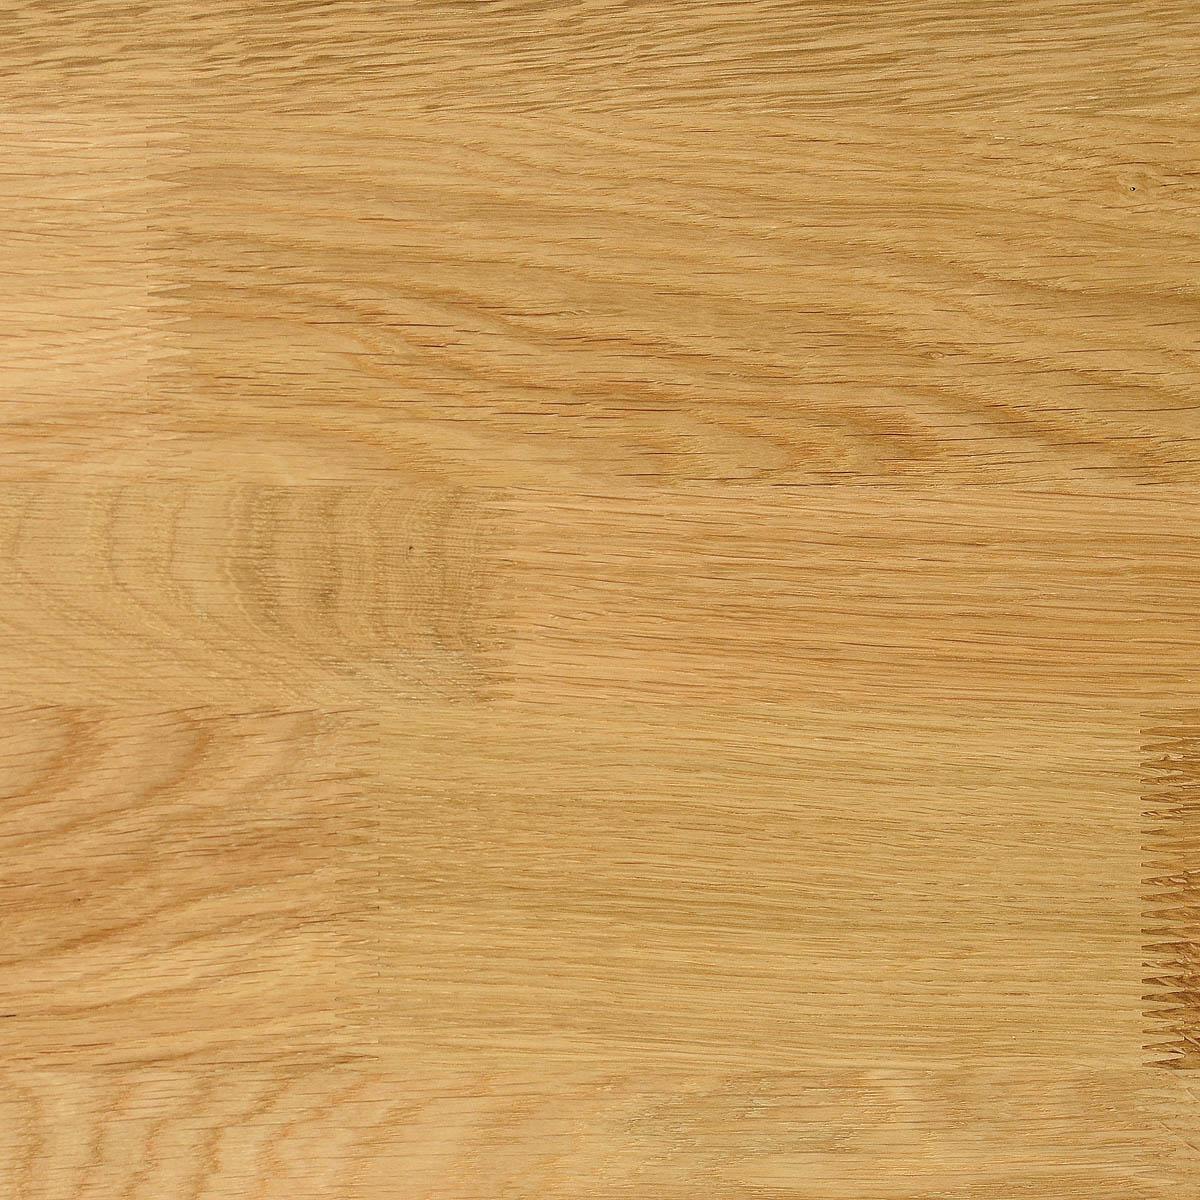 Schody drewniane Olsztyn - Dąb klejony na mikrowczepy